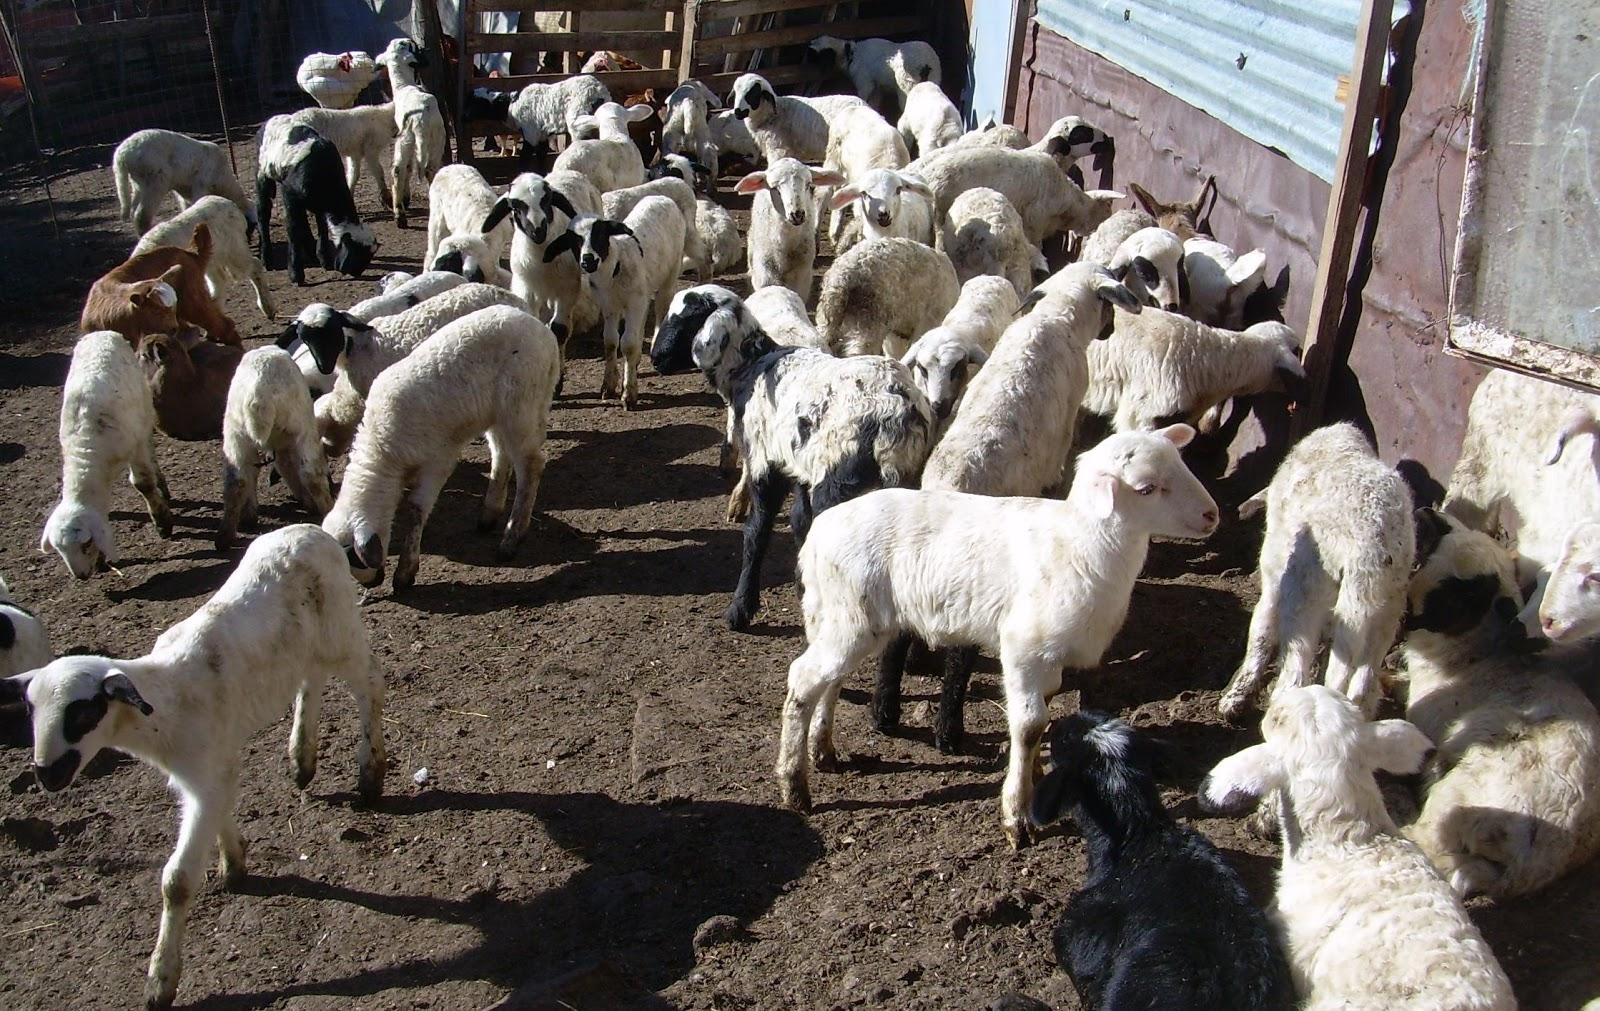 Ψηλά και απρόβλεπτα οι τιμές ζωοτροφών που ζορίζουν την κτηνοτροφία